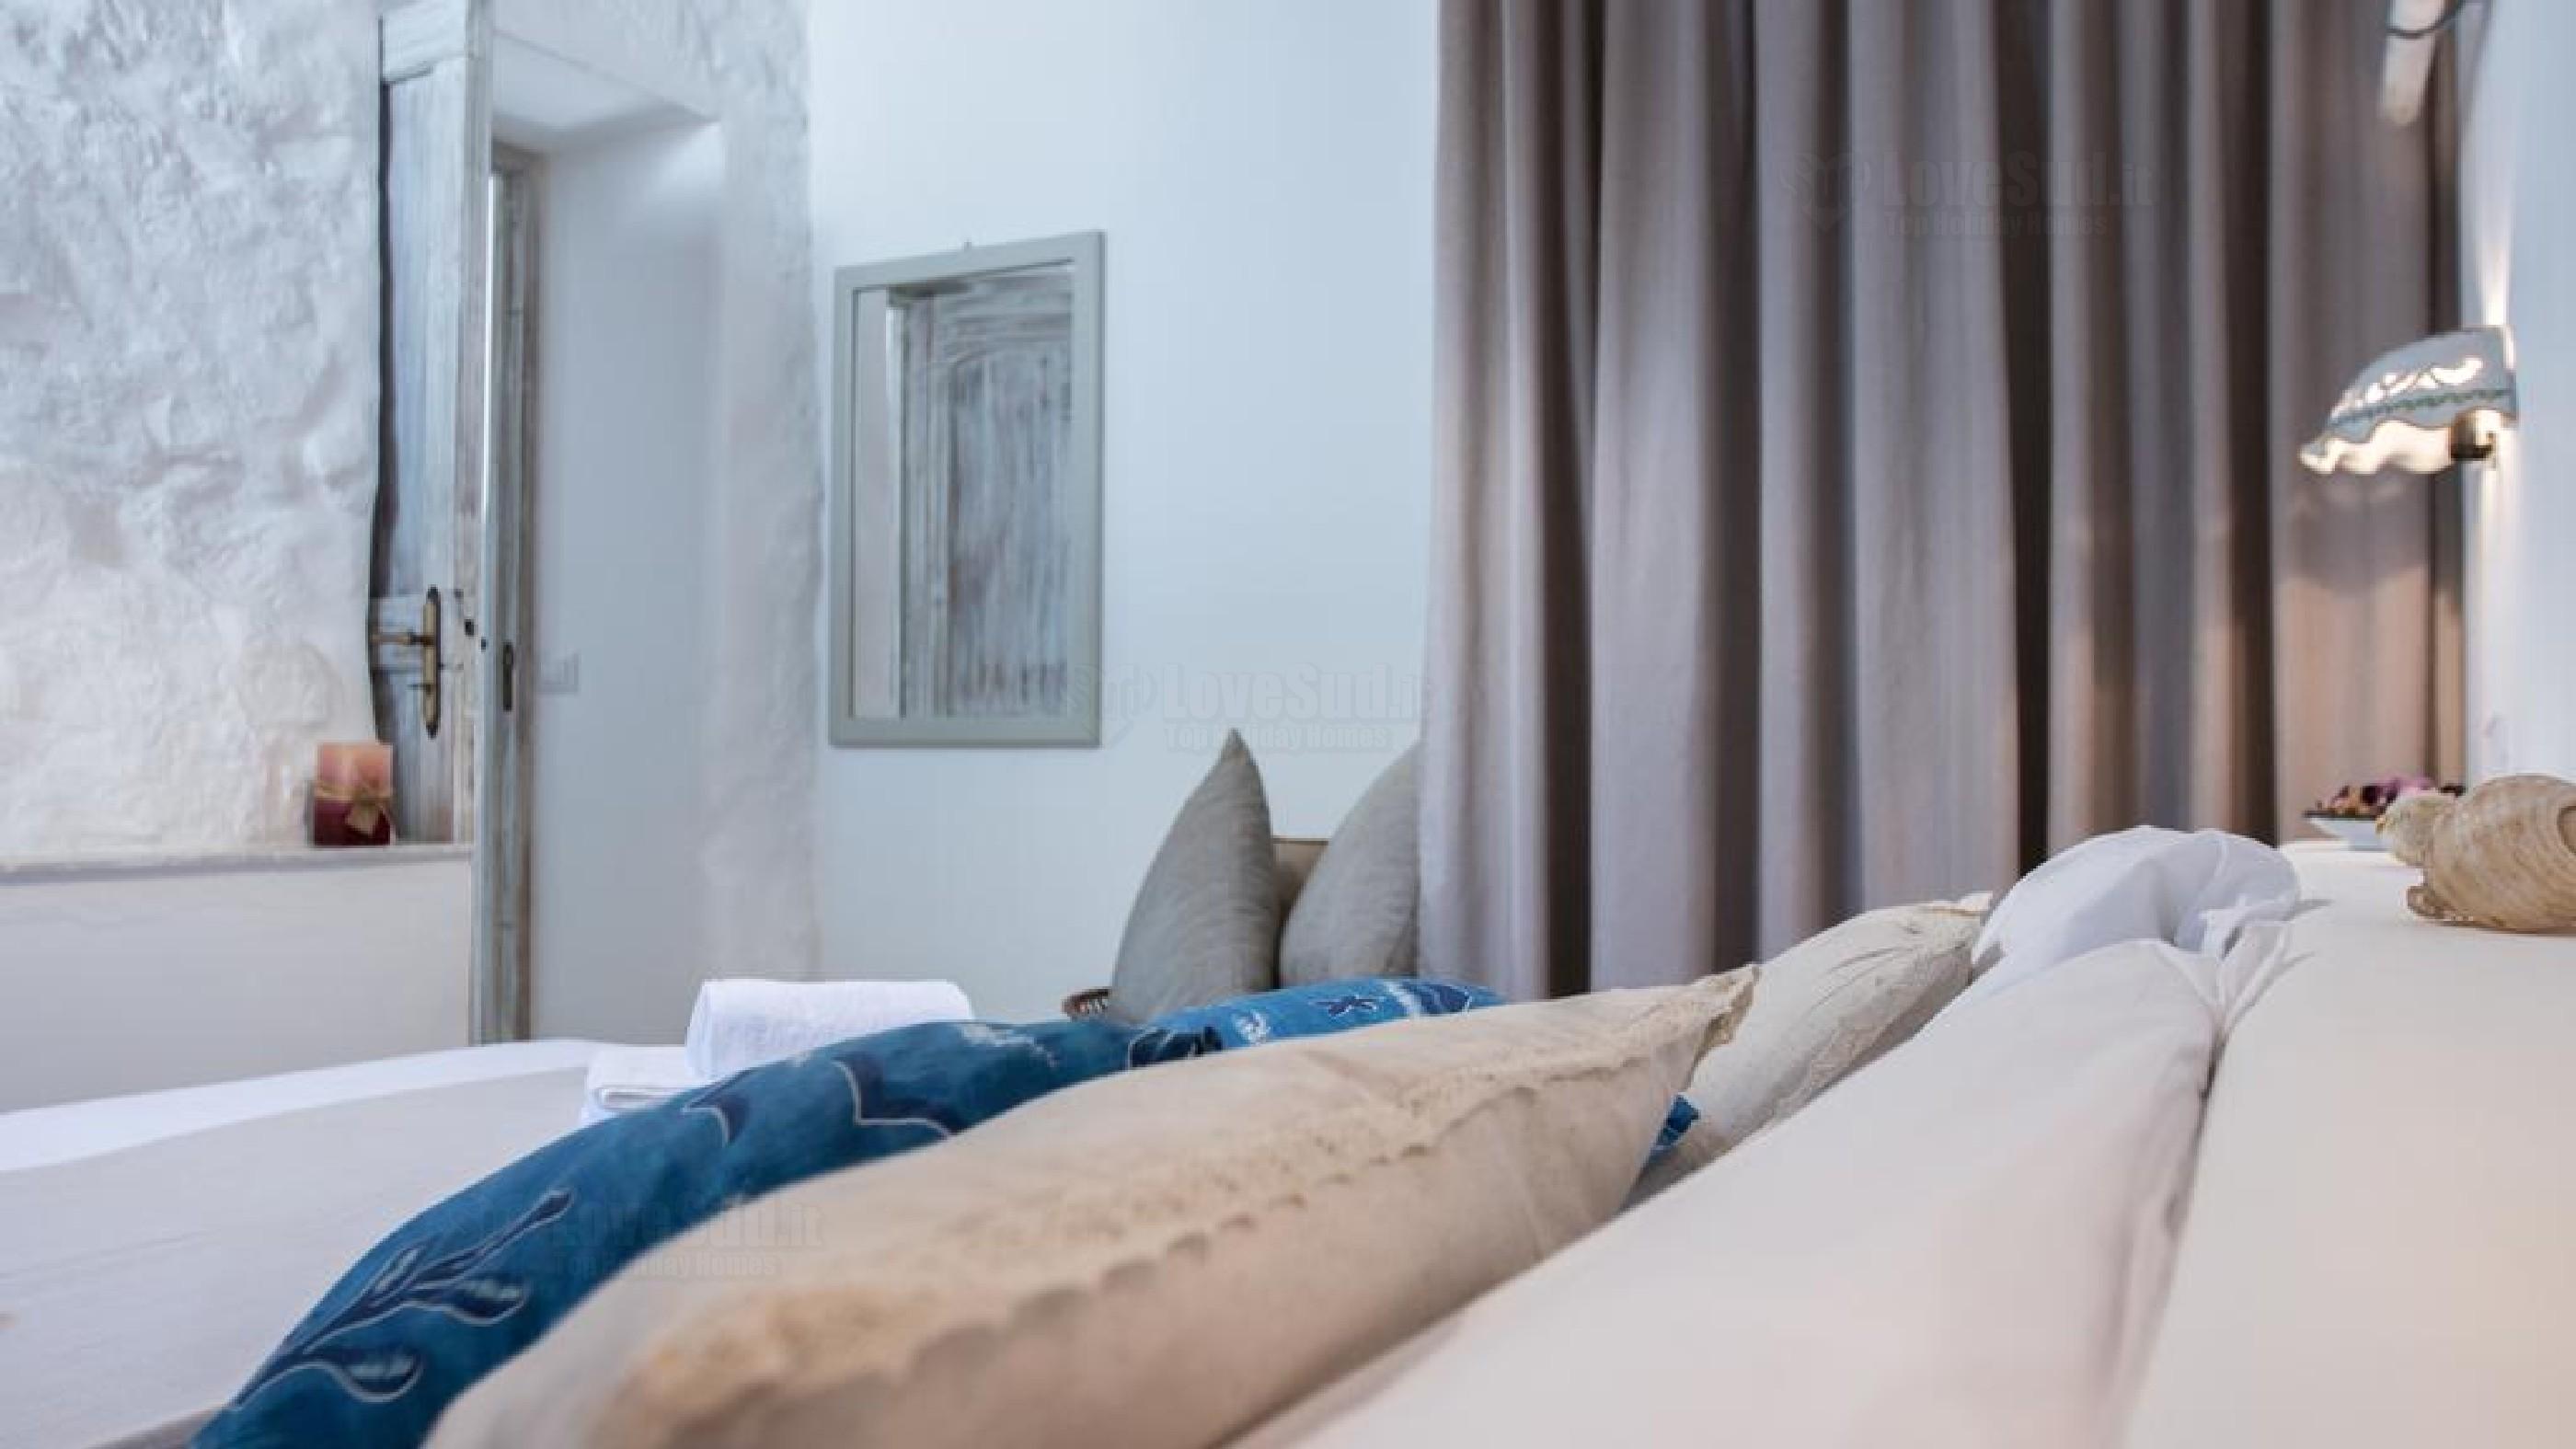 Apartment Albachiara pool house photo 22173091